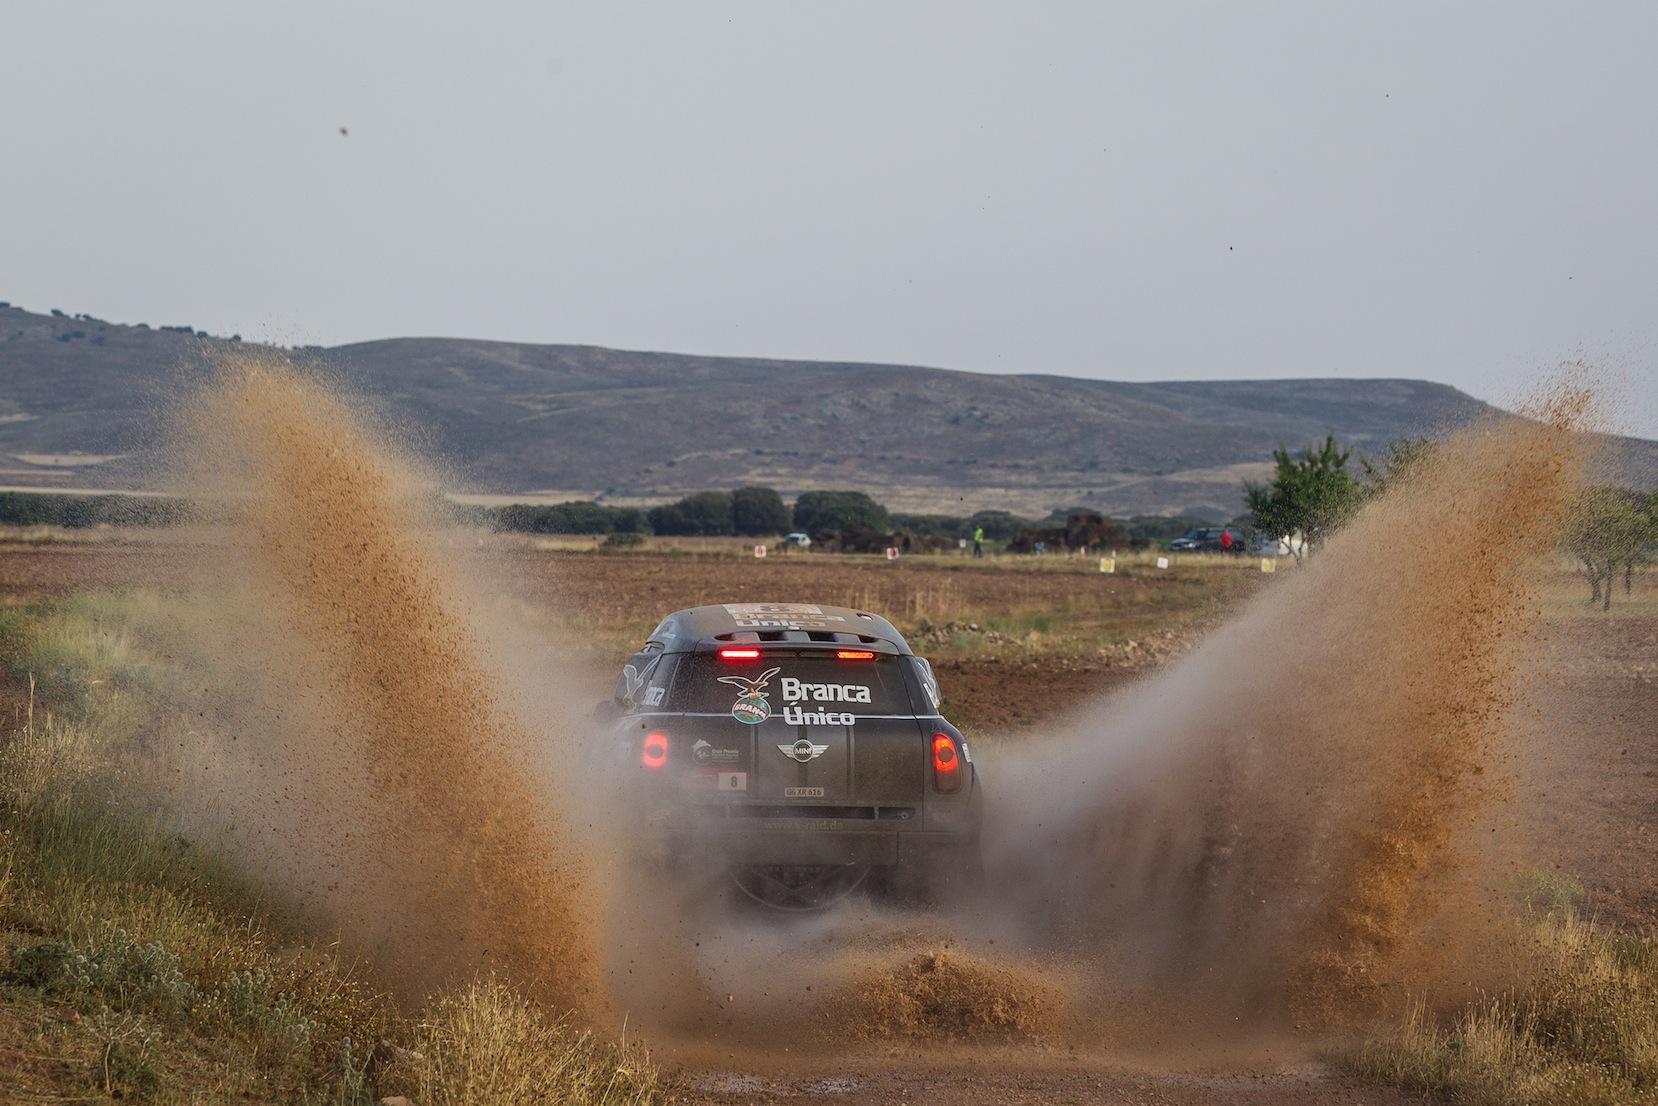 Terranova, integrado al equipo X-raid, podría disputar algunas pruebas del torneo 2014, además del Dakar...